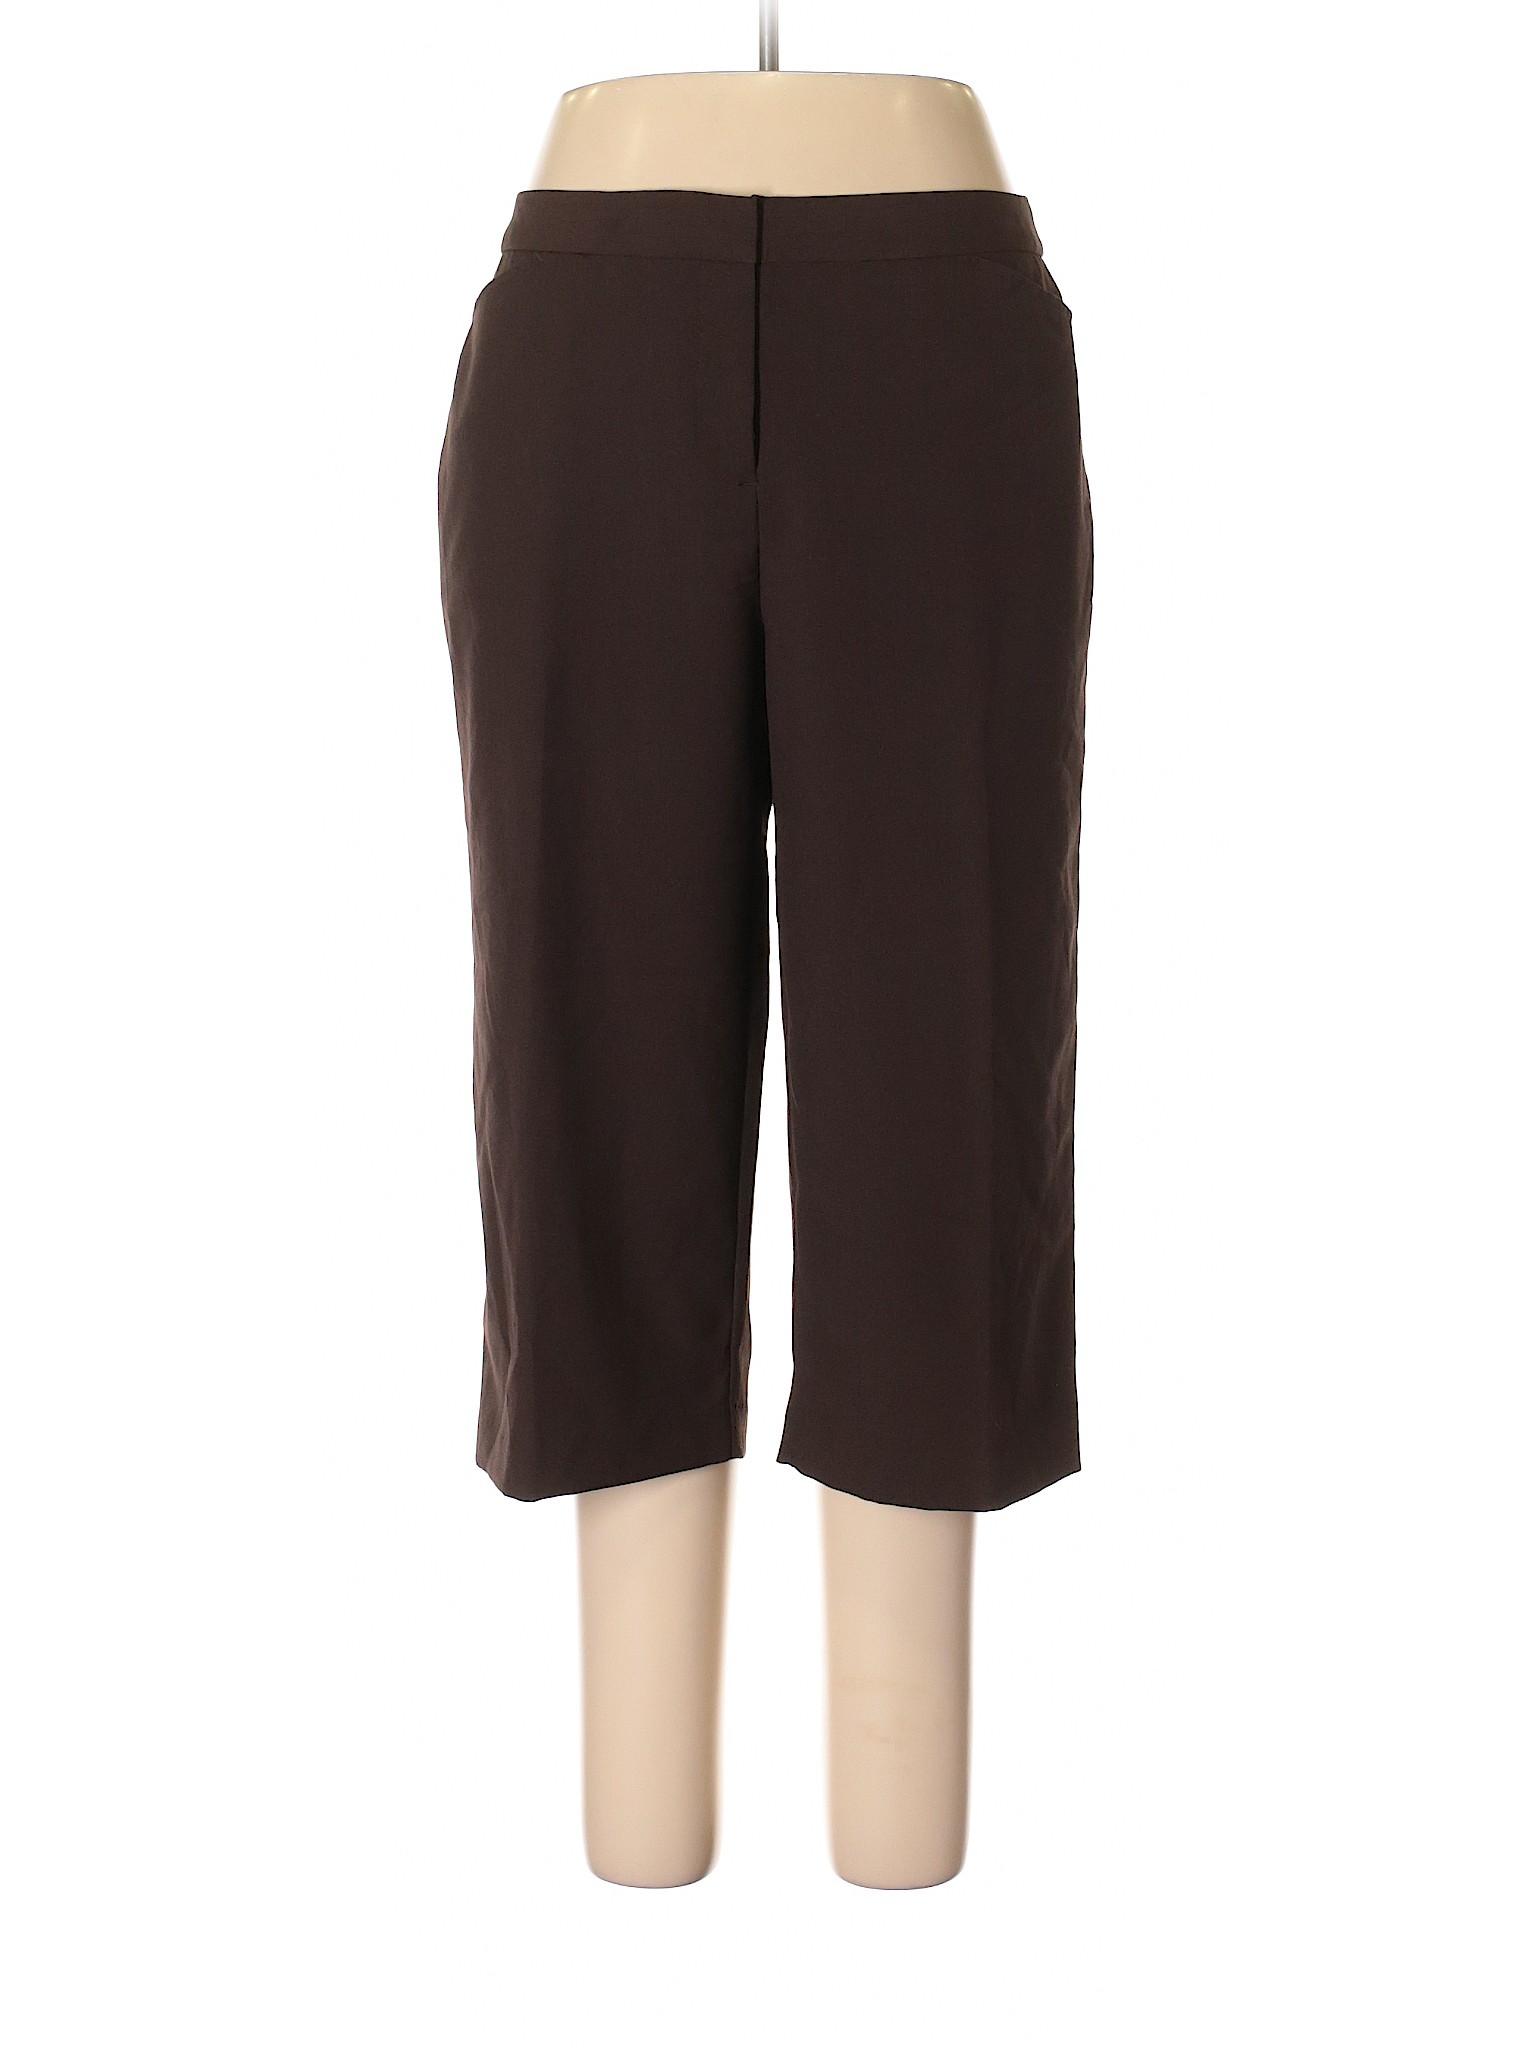 Boutique Dress Boutique Worthington Winter Winter Pants aqwgz